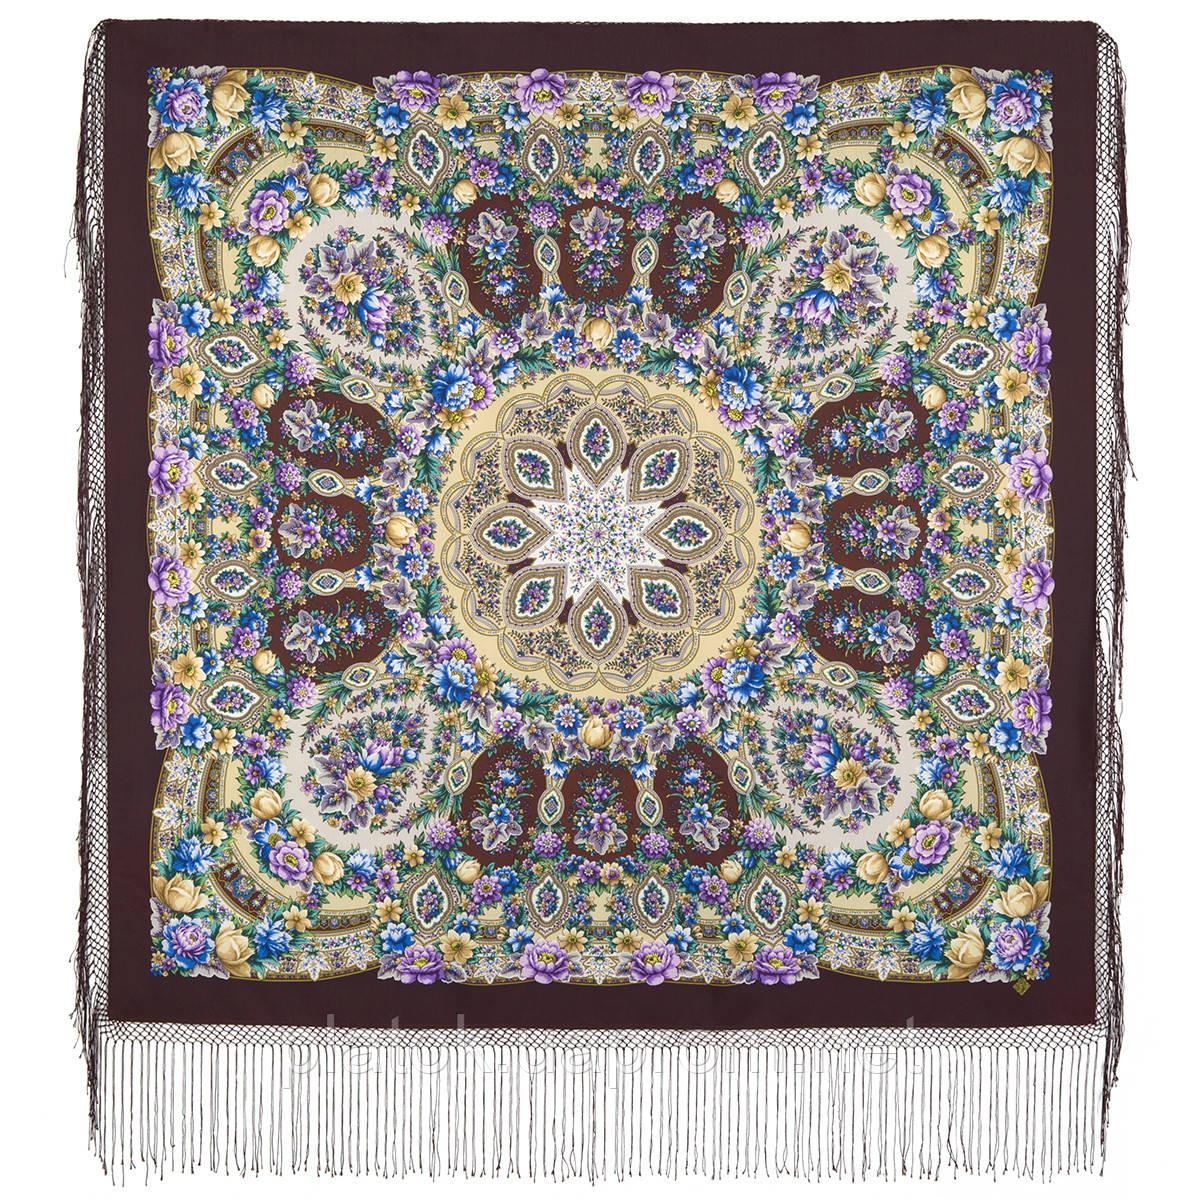 Злато-серебро 1731-17, павлопосадский платок (шаль) из уплотненной шерсти с шелковой вязанной бахромой